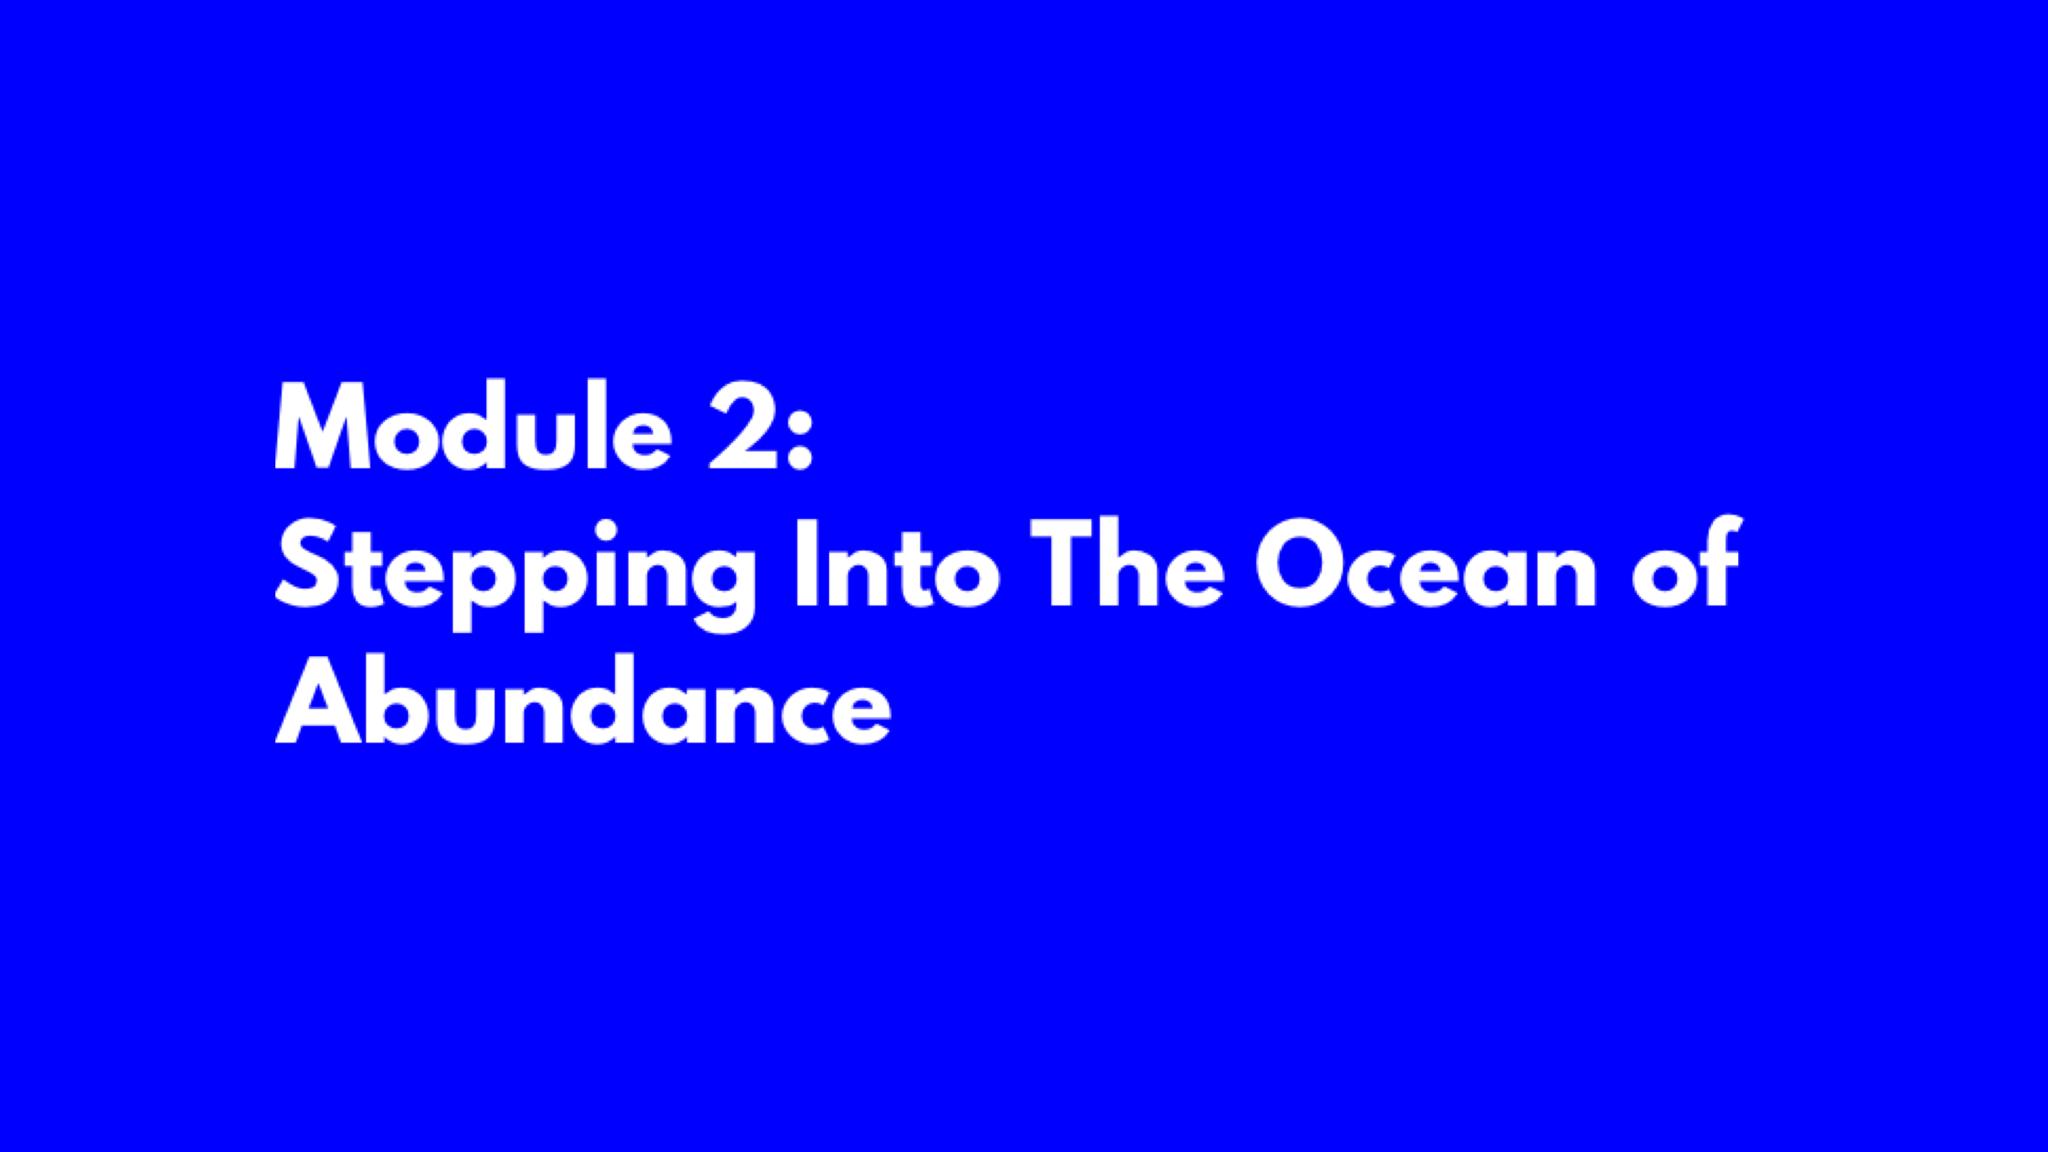 Module 2: Ocean of Abundance